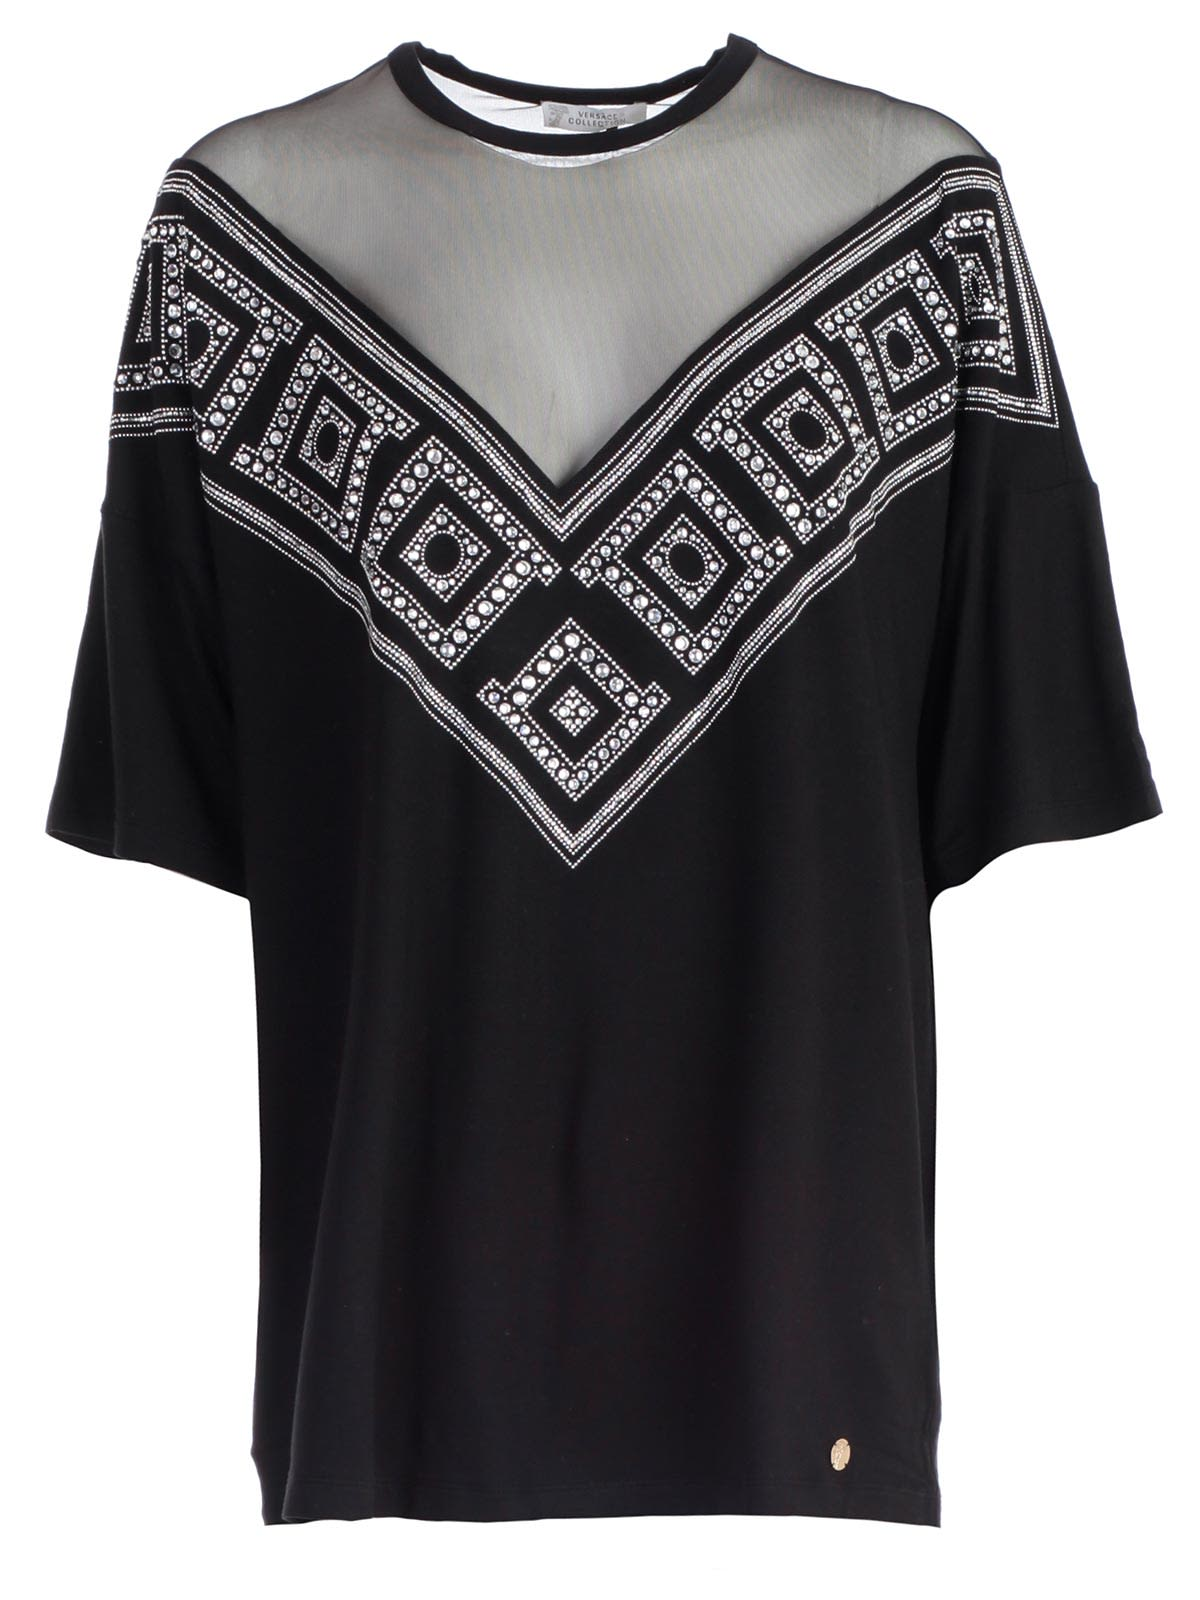 6b505e8835 versace evening tops for women - Buy best women's versace evening ...